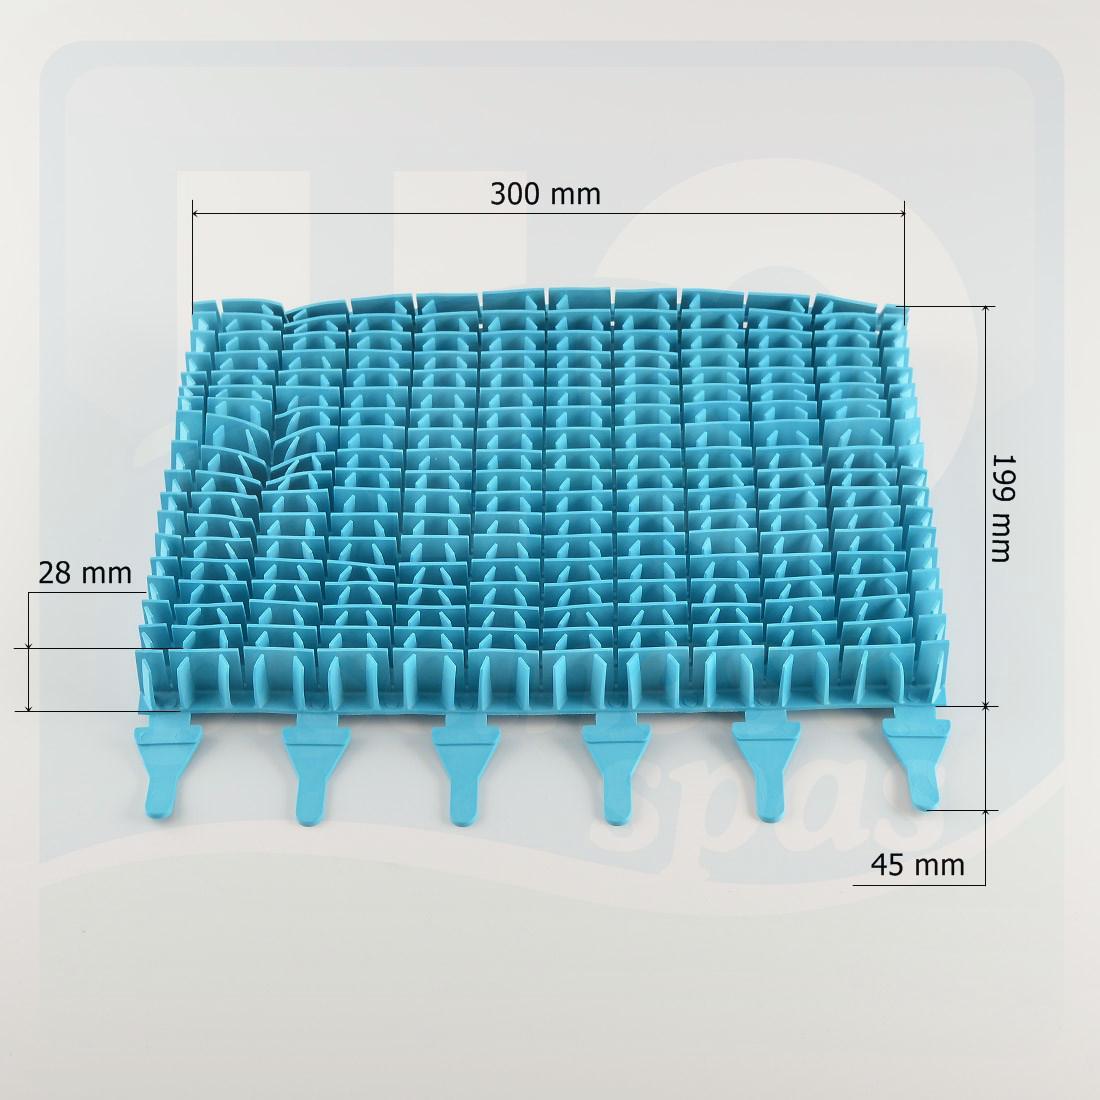 Brosses Lamelles Bleues Turquoise Pour Robot De Piscine Zodiac Indigo - H2O  Piscines & Spas dedans Robot Piscine Zodiac Indigo